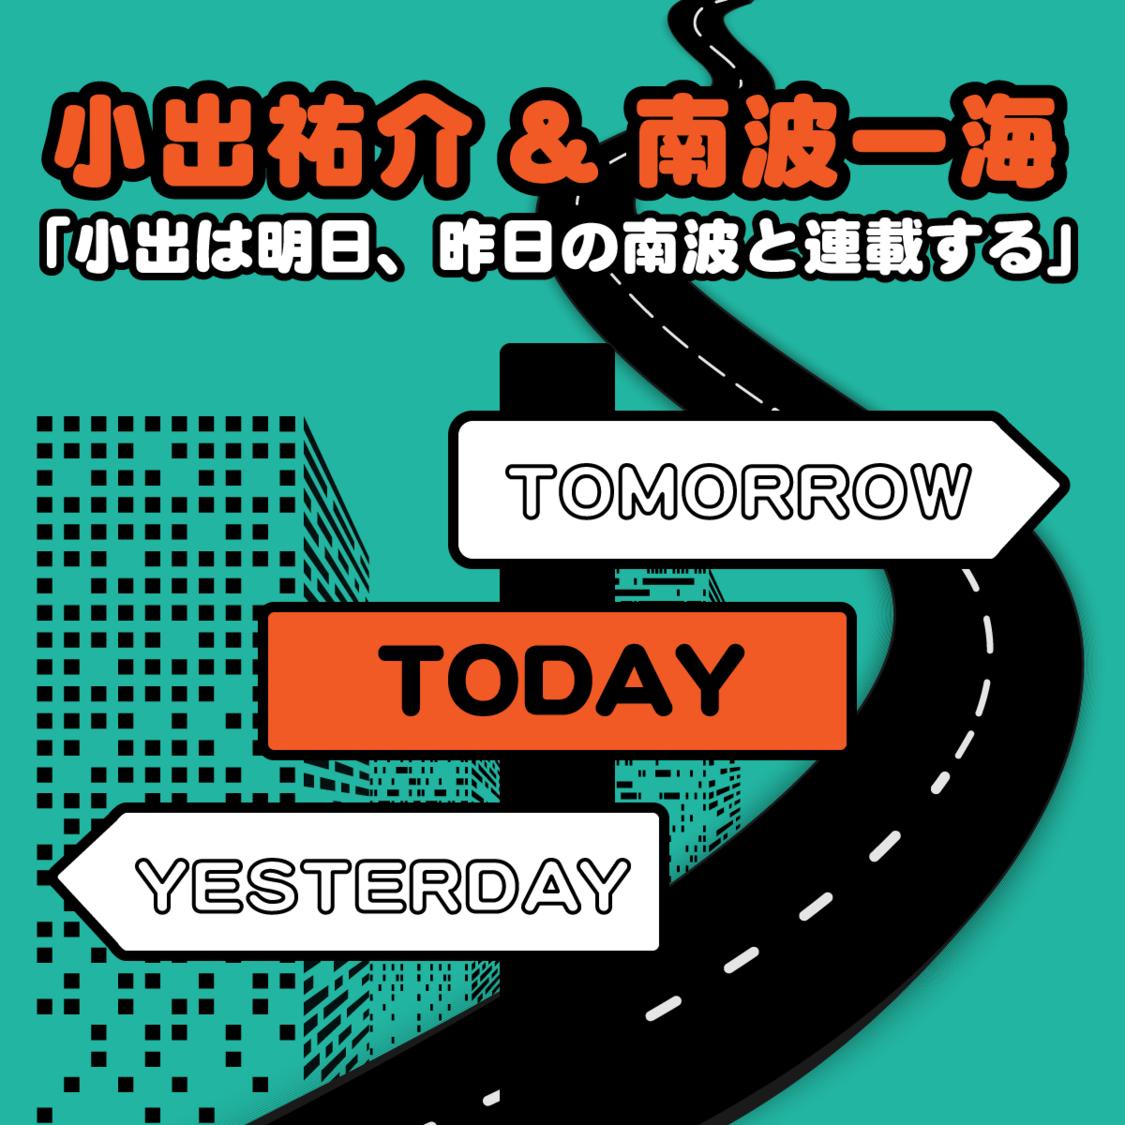 第16回:タトゥー後日談&ライターの不思議〜小出祐介&南波一海「小出は明日、昨日の南波と連載する」〜